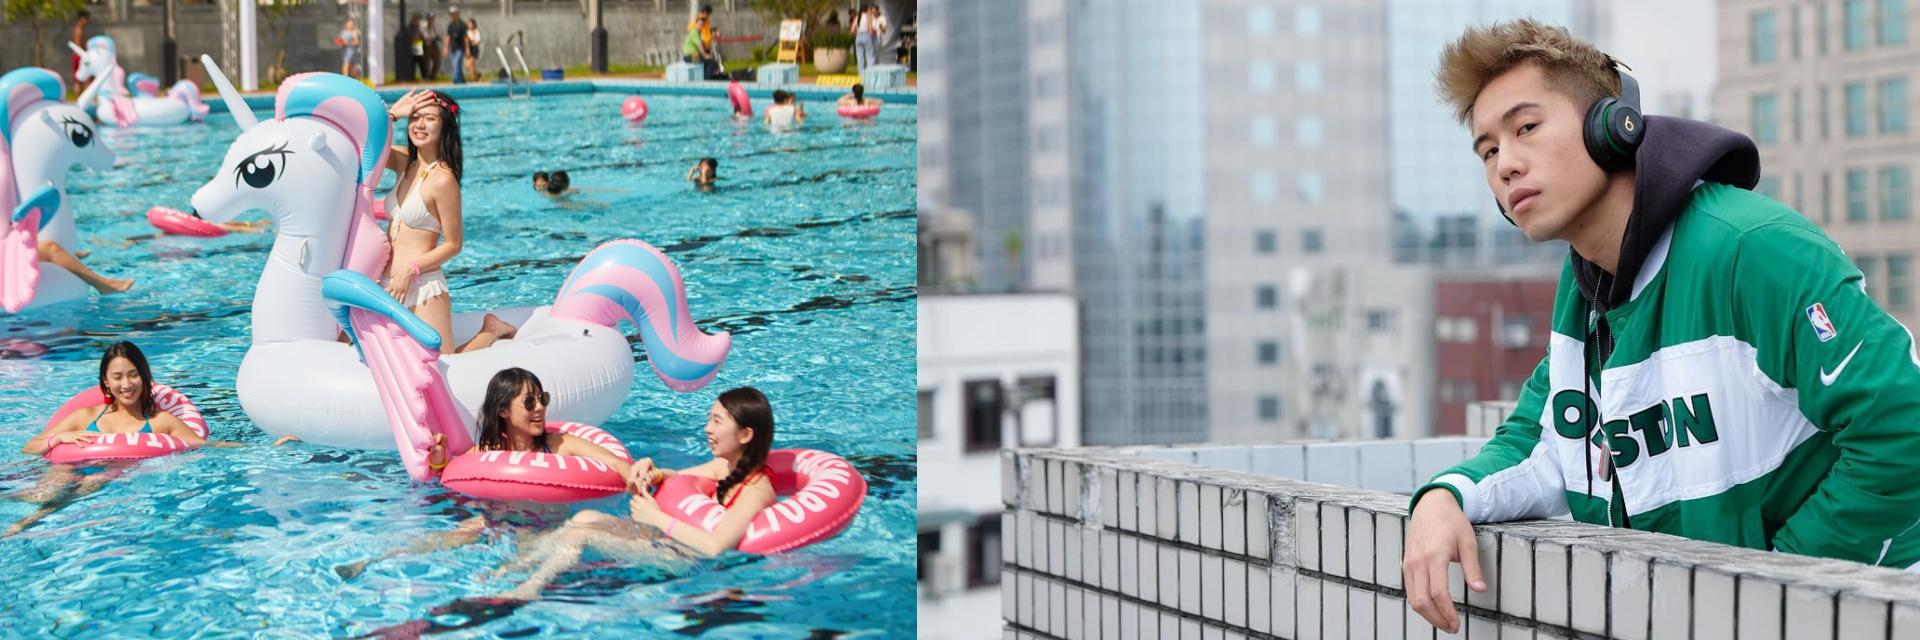 嗨翻天的「JUKSY × COSMO Bikini Party」來啦!這 5 個理由告訴你為什麼一定要參加!